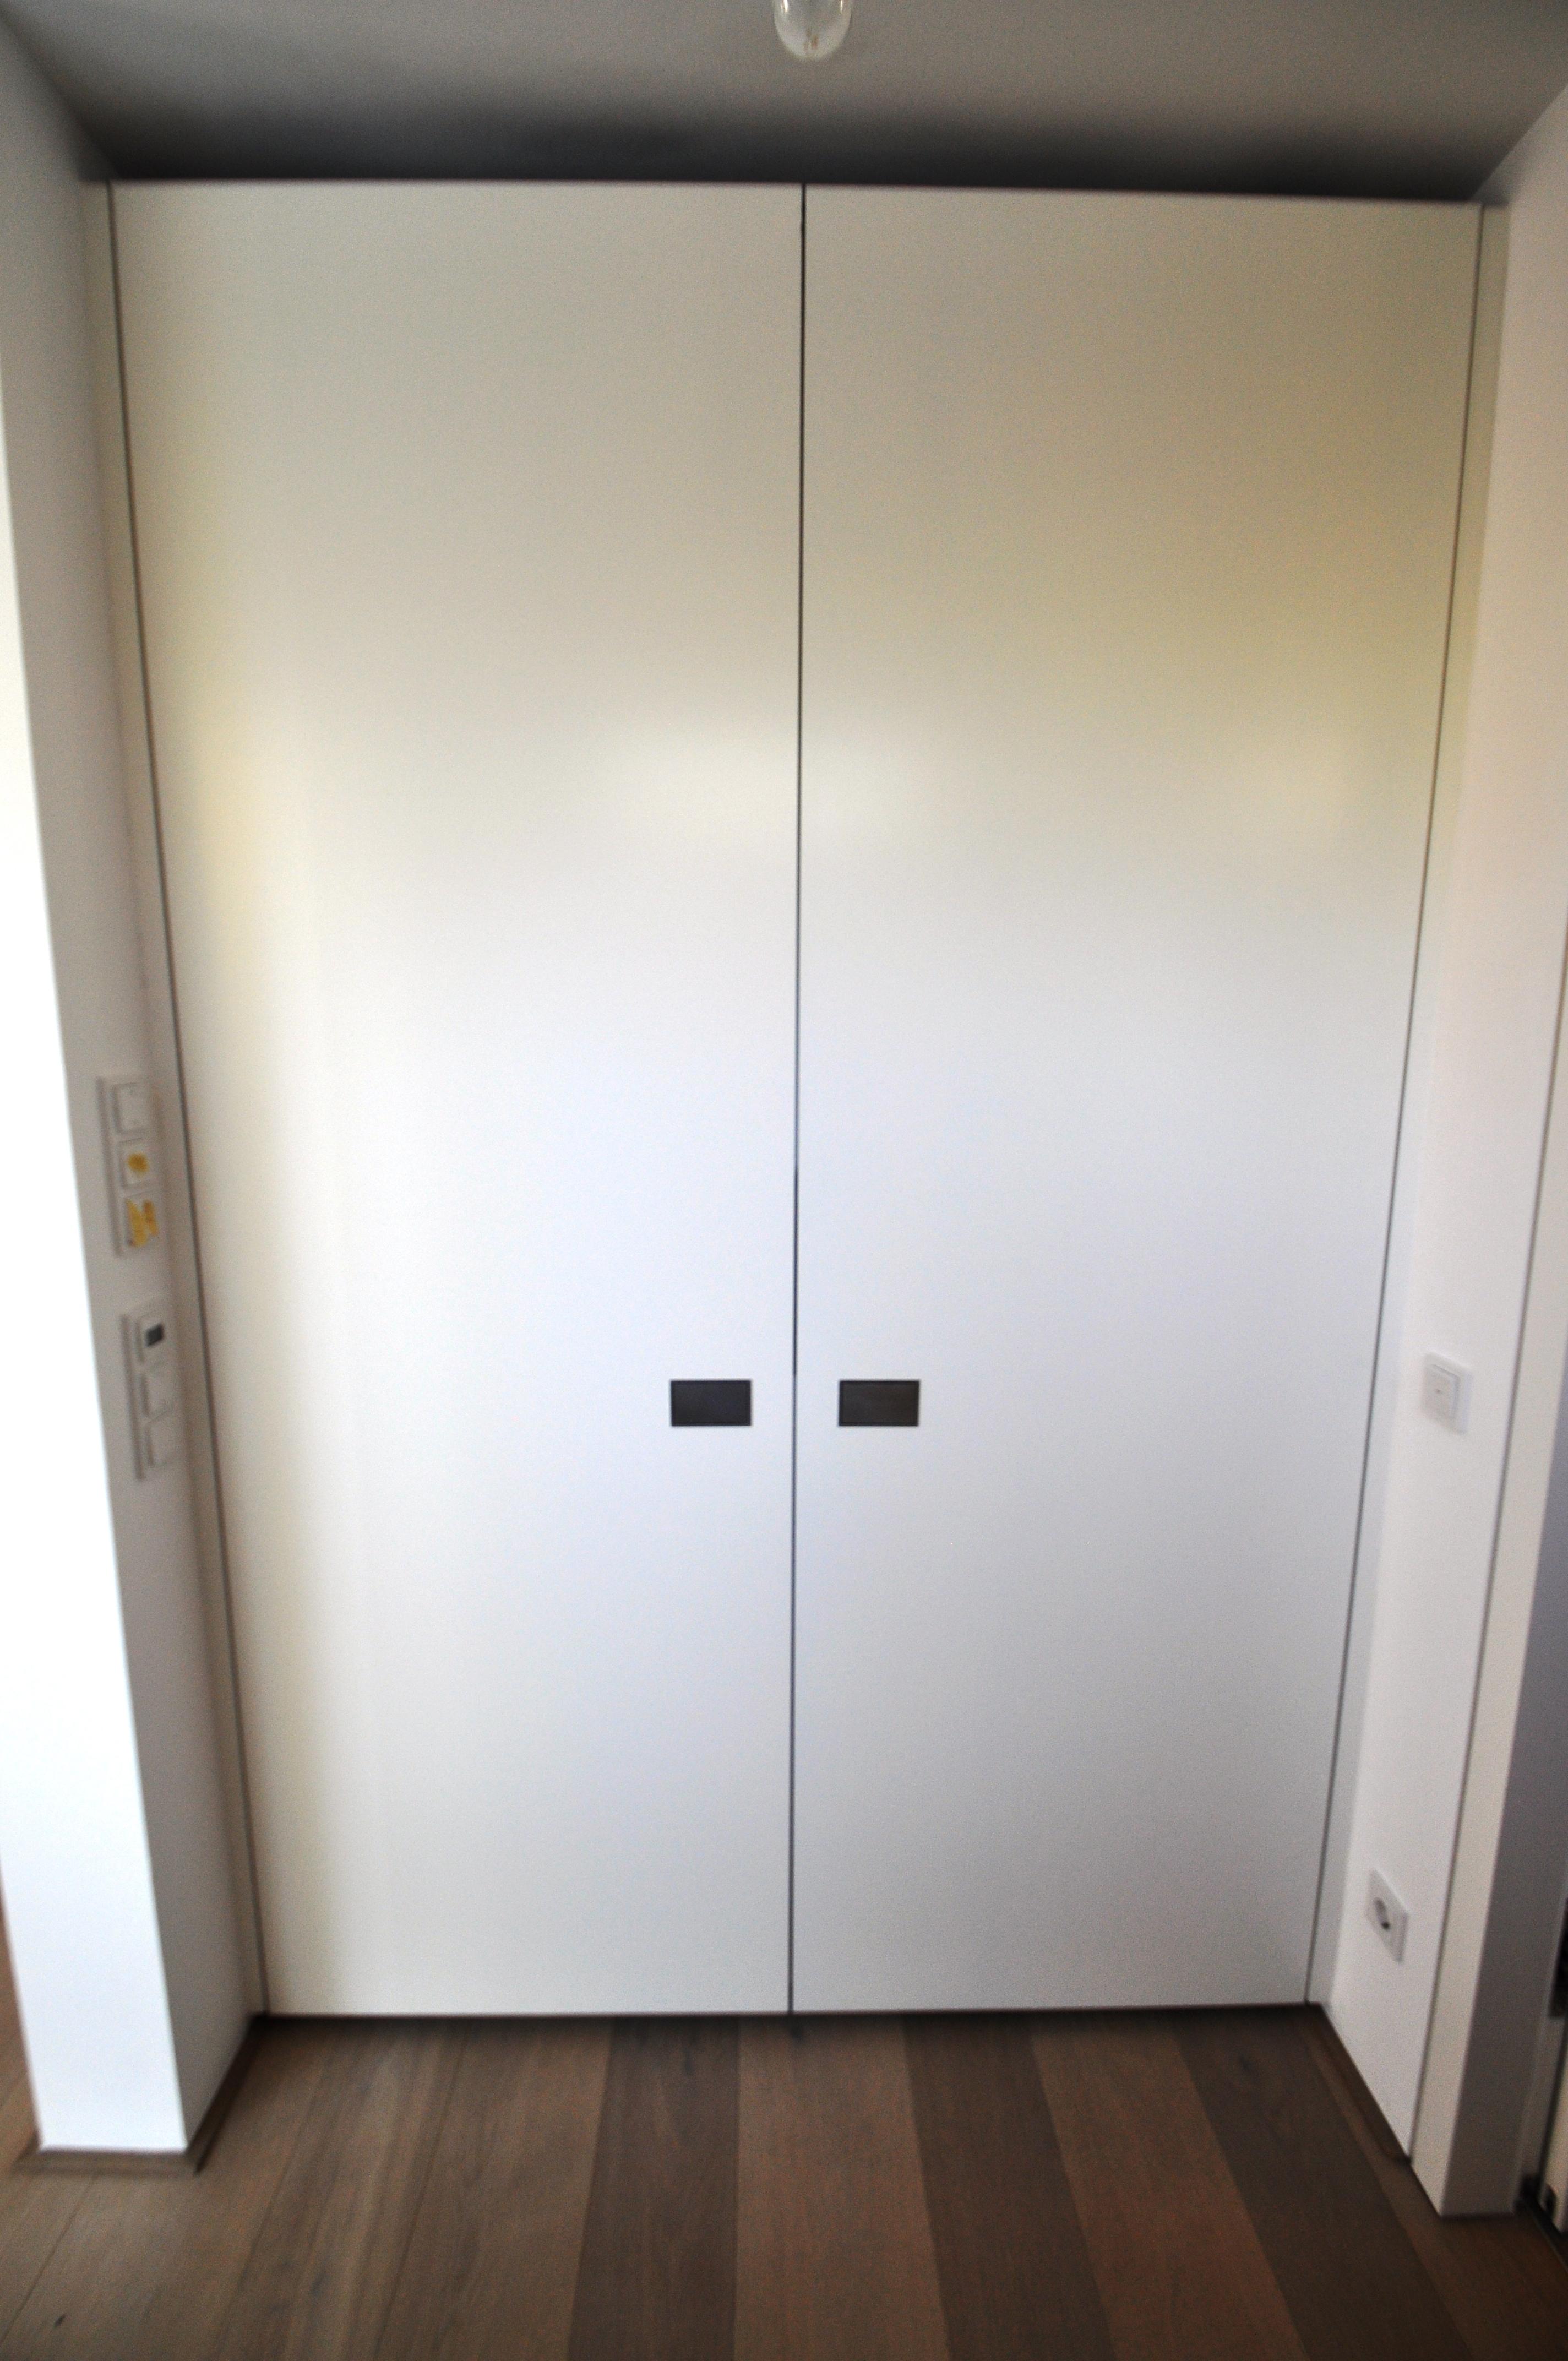 Projekt Wohnmöbel Schränke Bad (10)